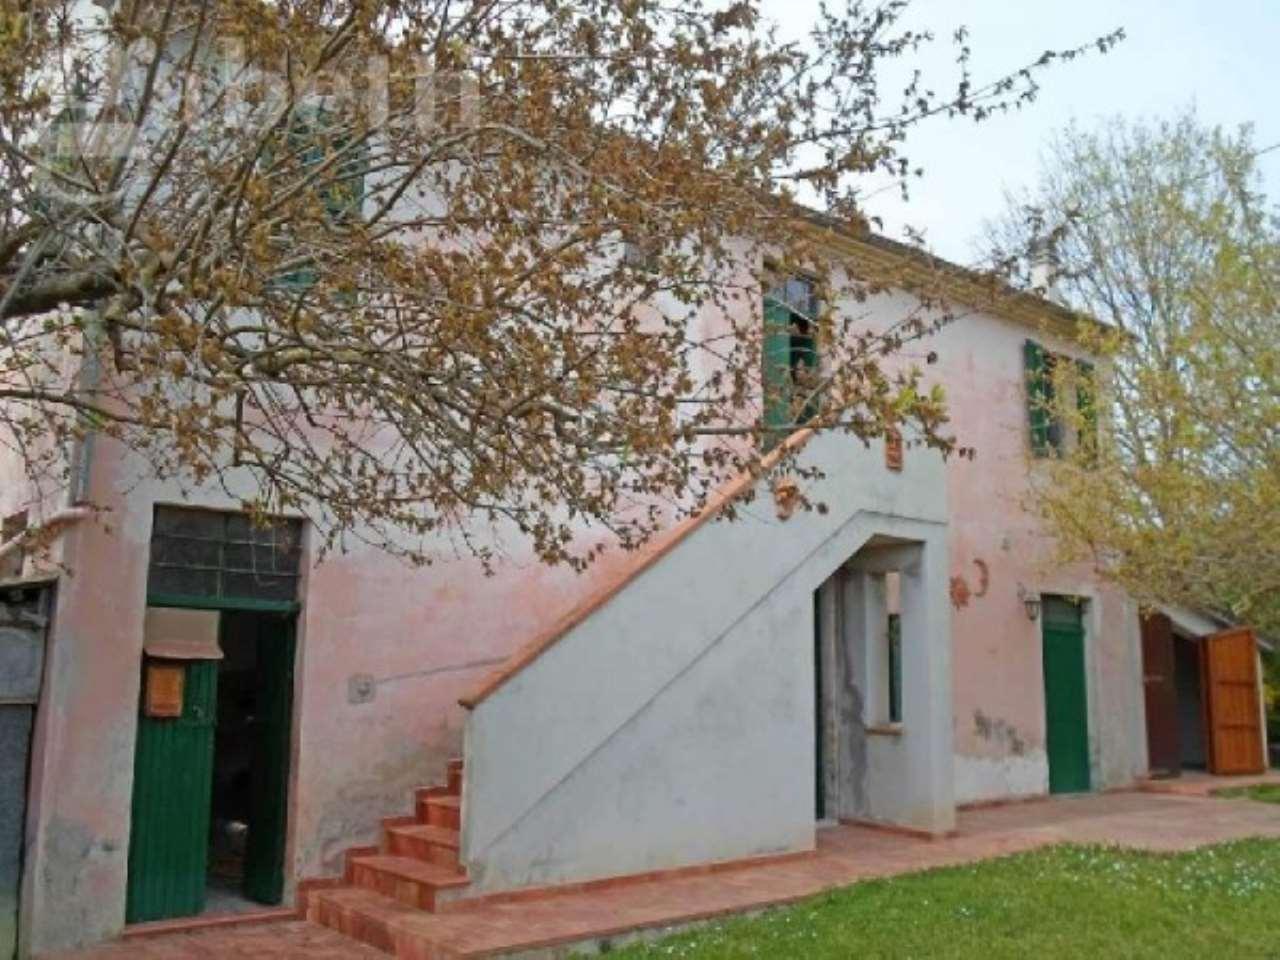 Rustico / Casale in vendita a Senigallia, 9999 locali, prezzo € 195.000 | CambioCasa.it